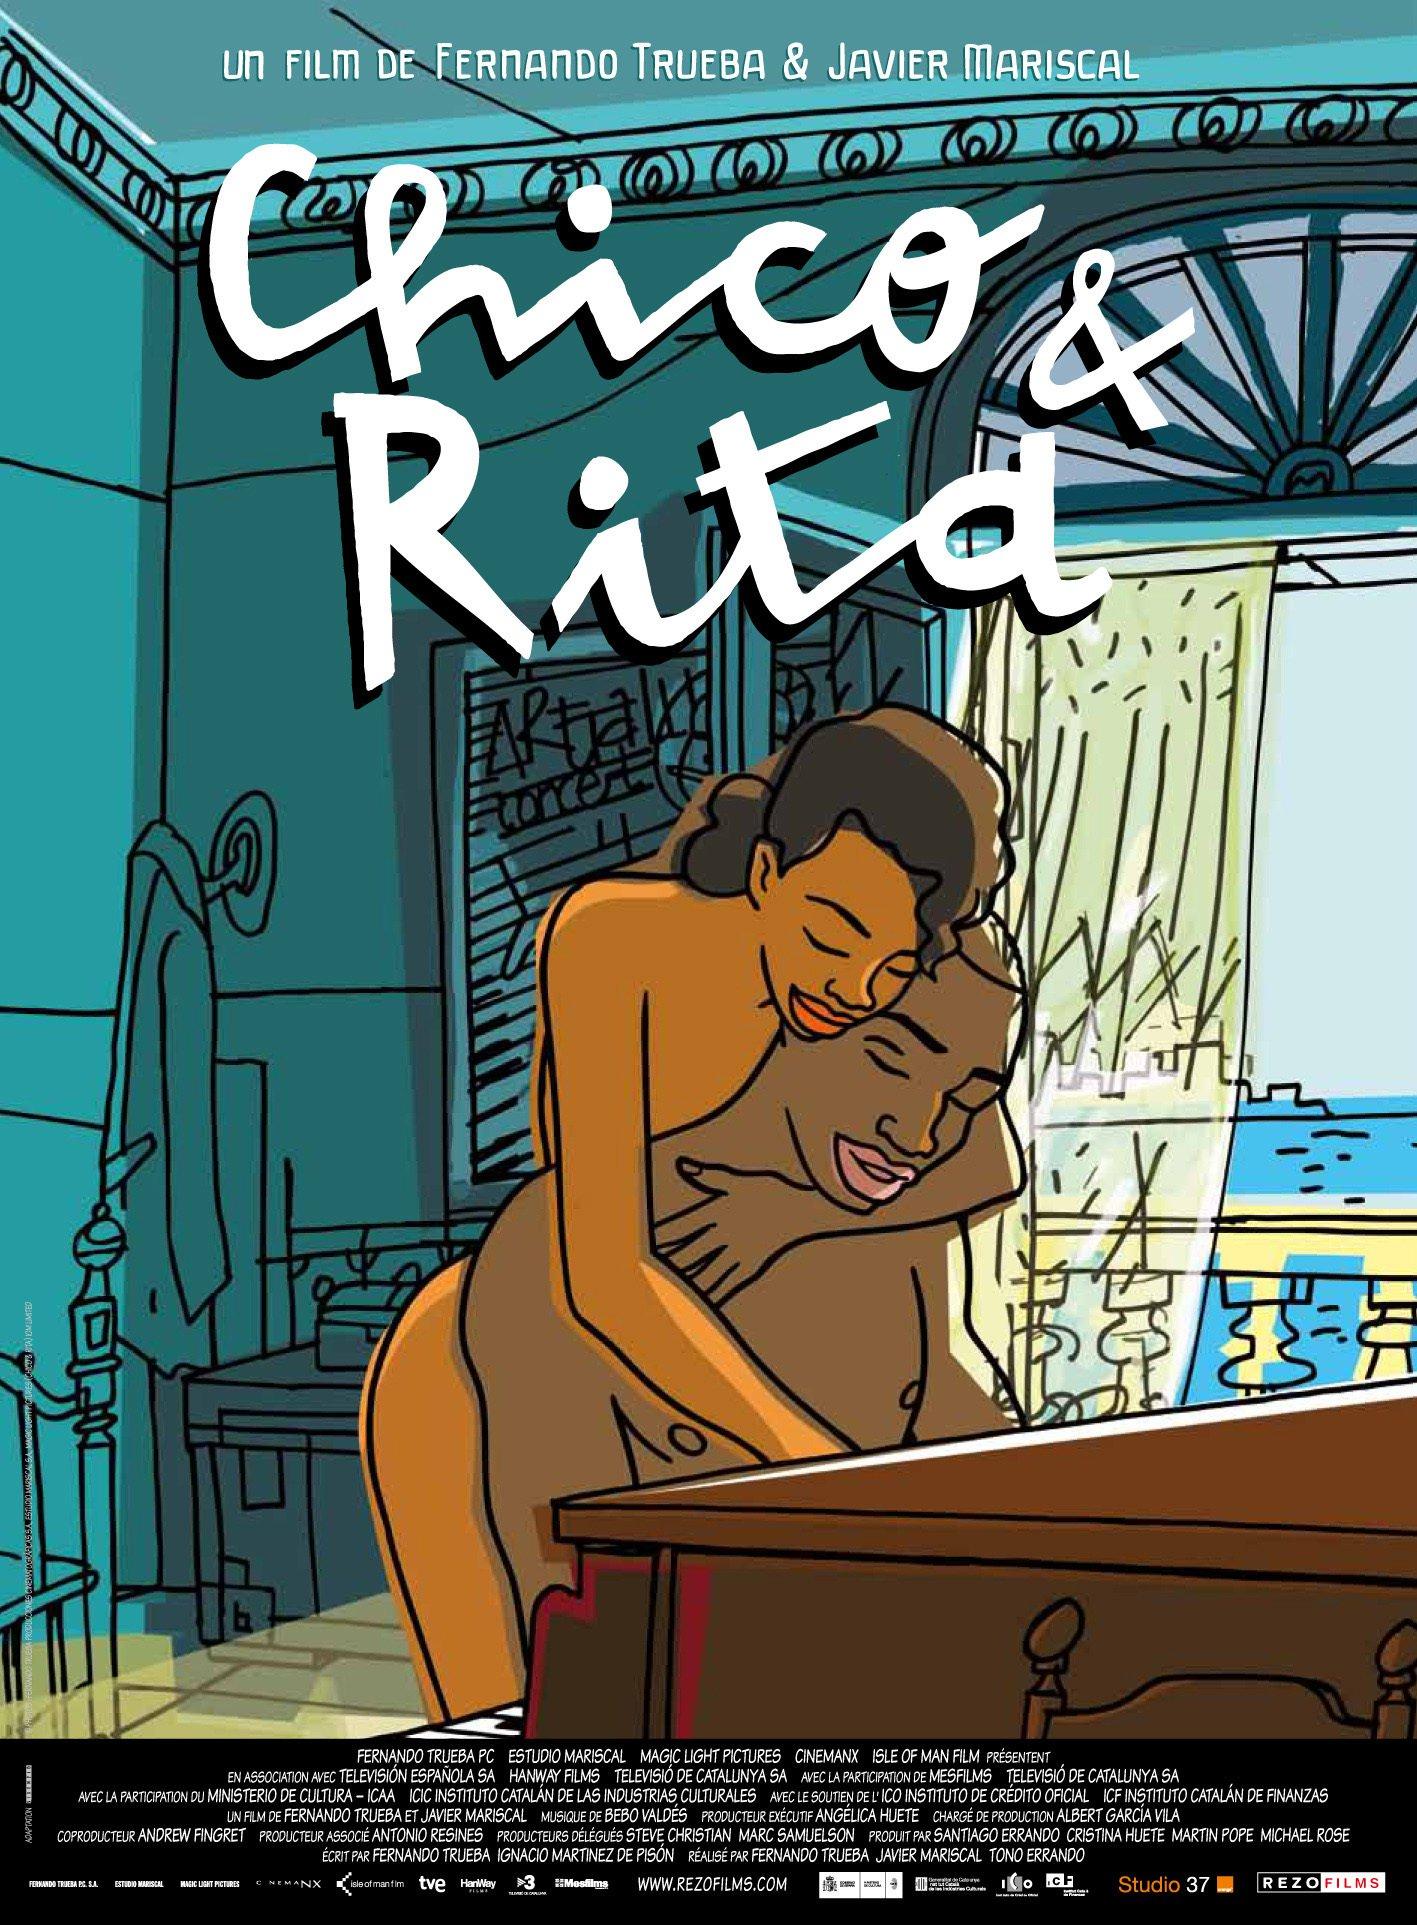 Regarder Chico et Rita en streaming gratuit